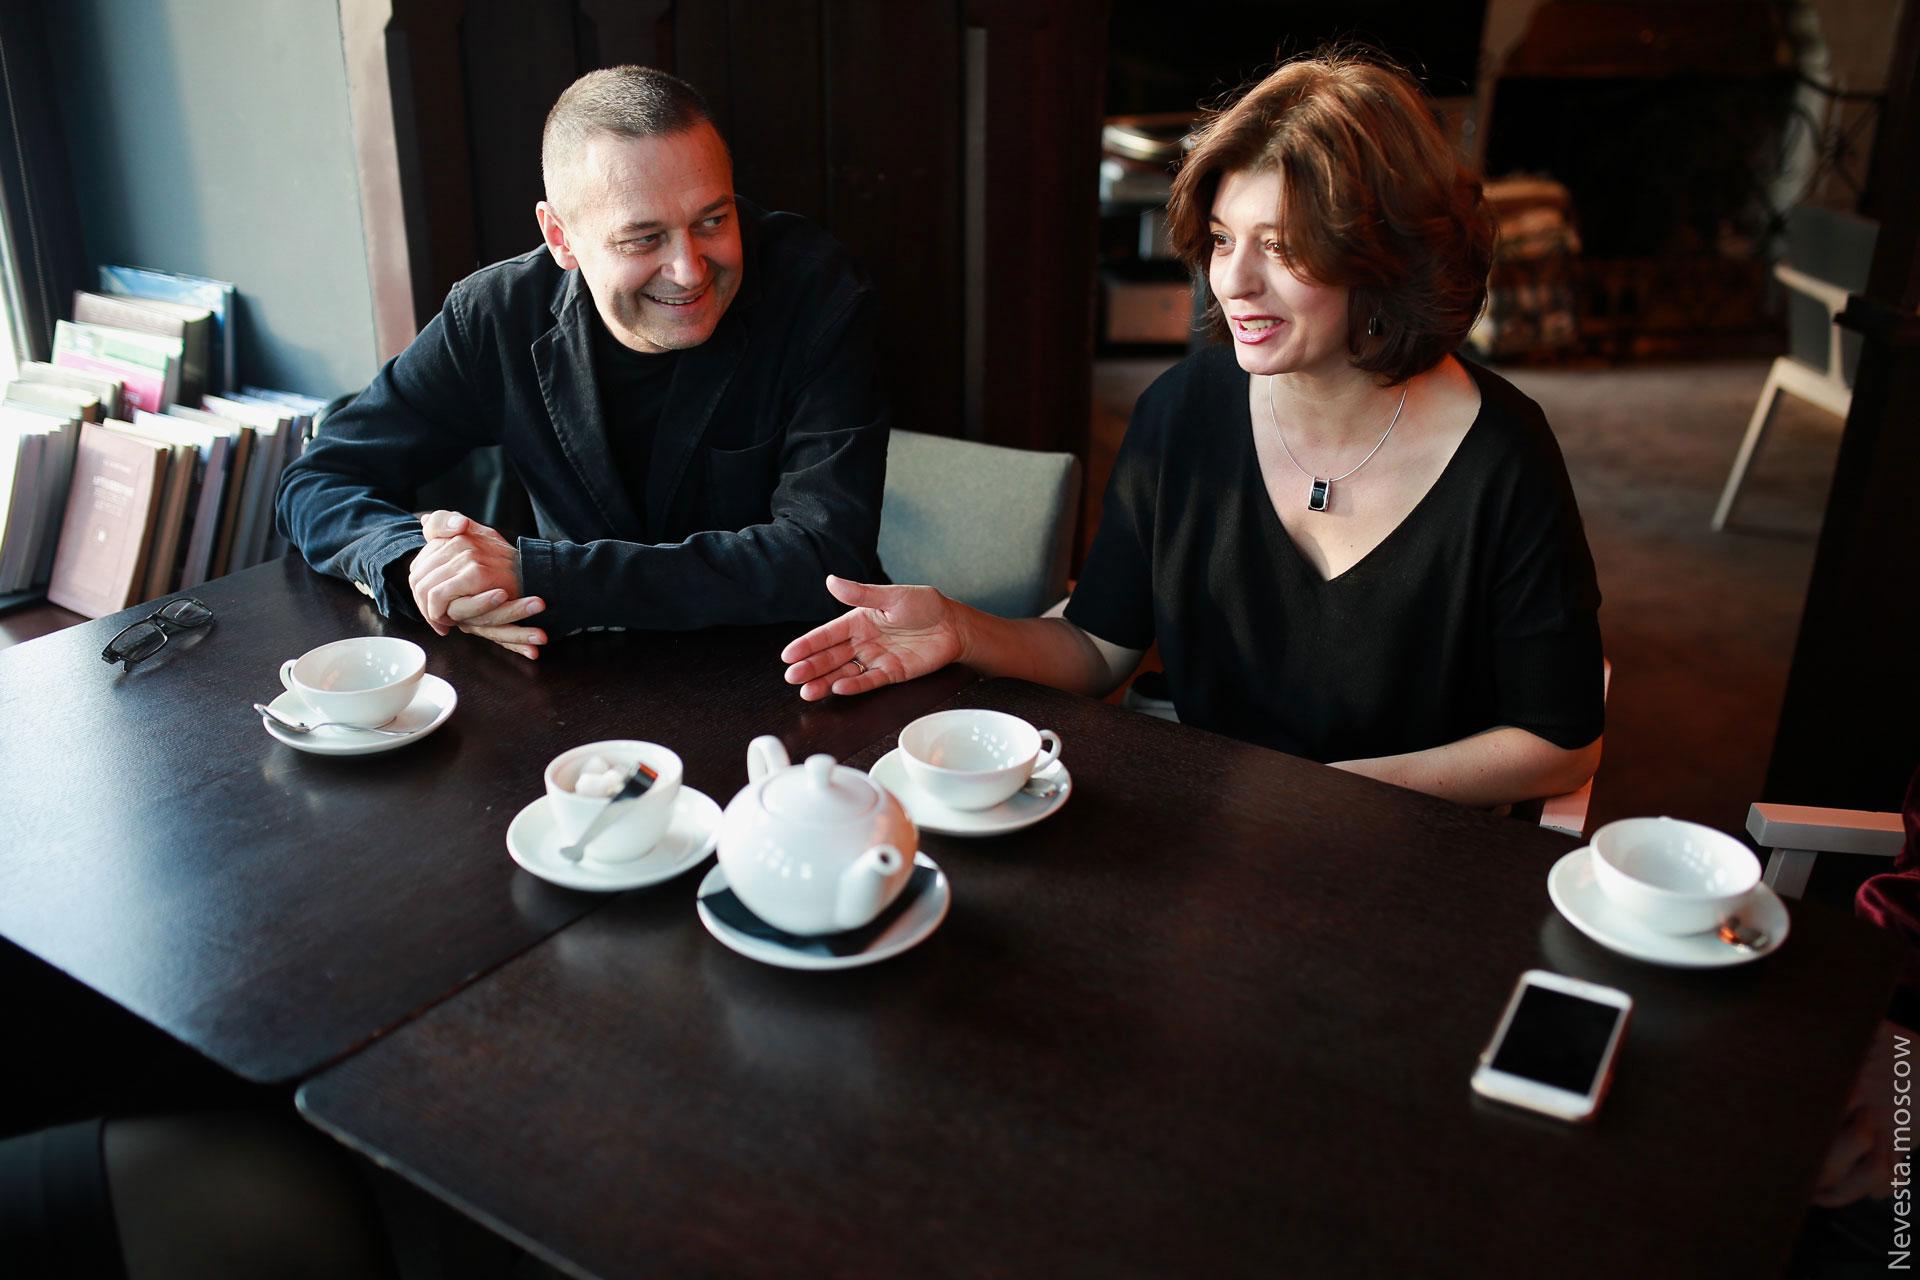 Декоратор Тамара Валенкова интервью фото 18